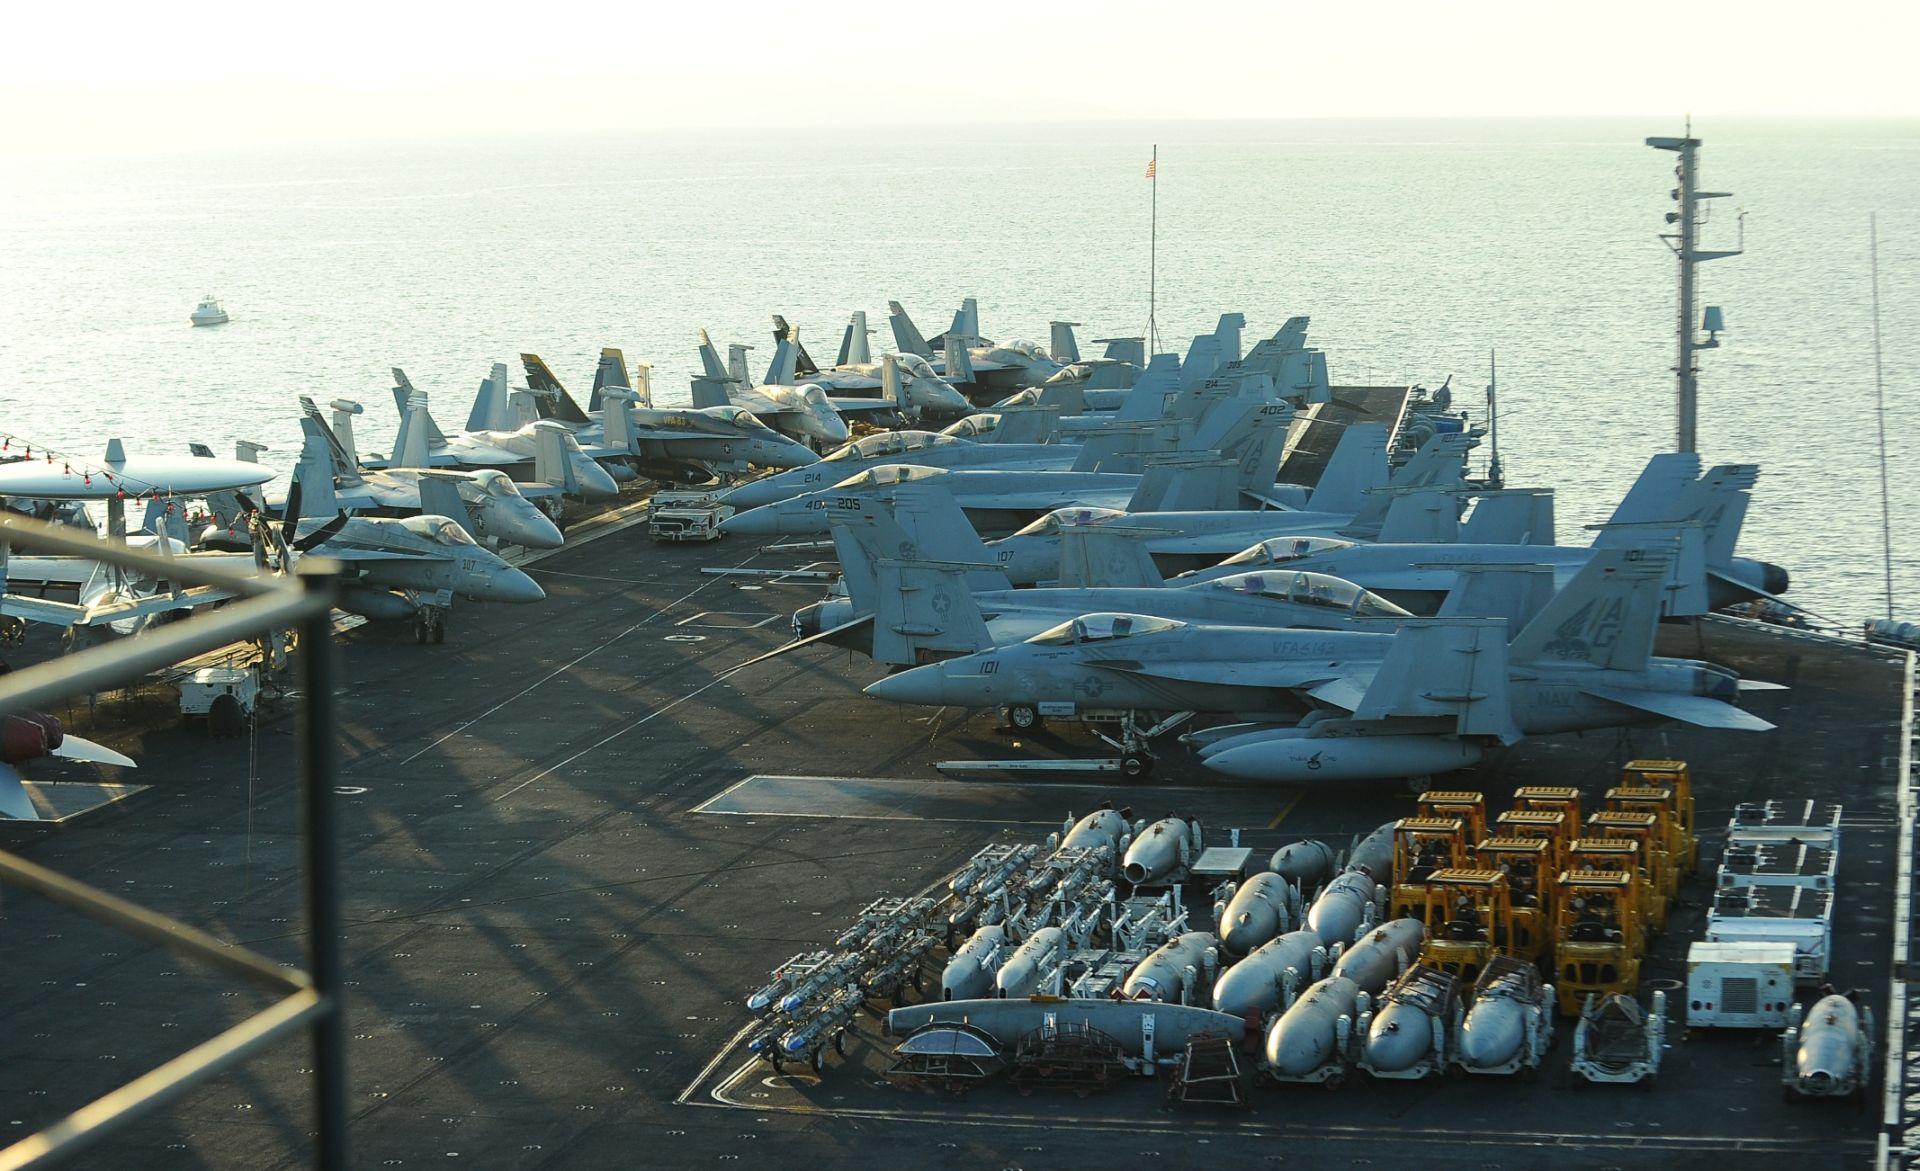 BRAČKI KANAL: Novinari posjetili američki nosač zrakoplova USS Harry Truman